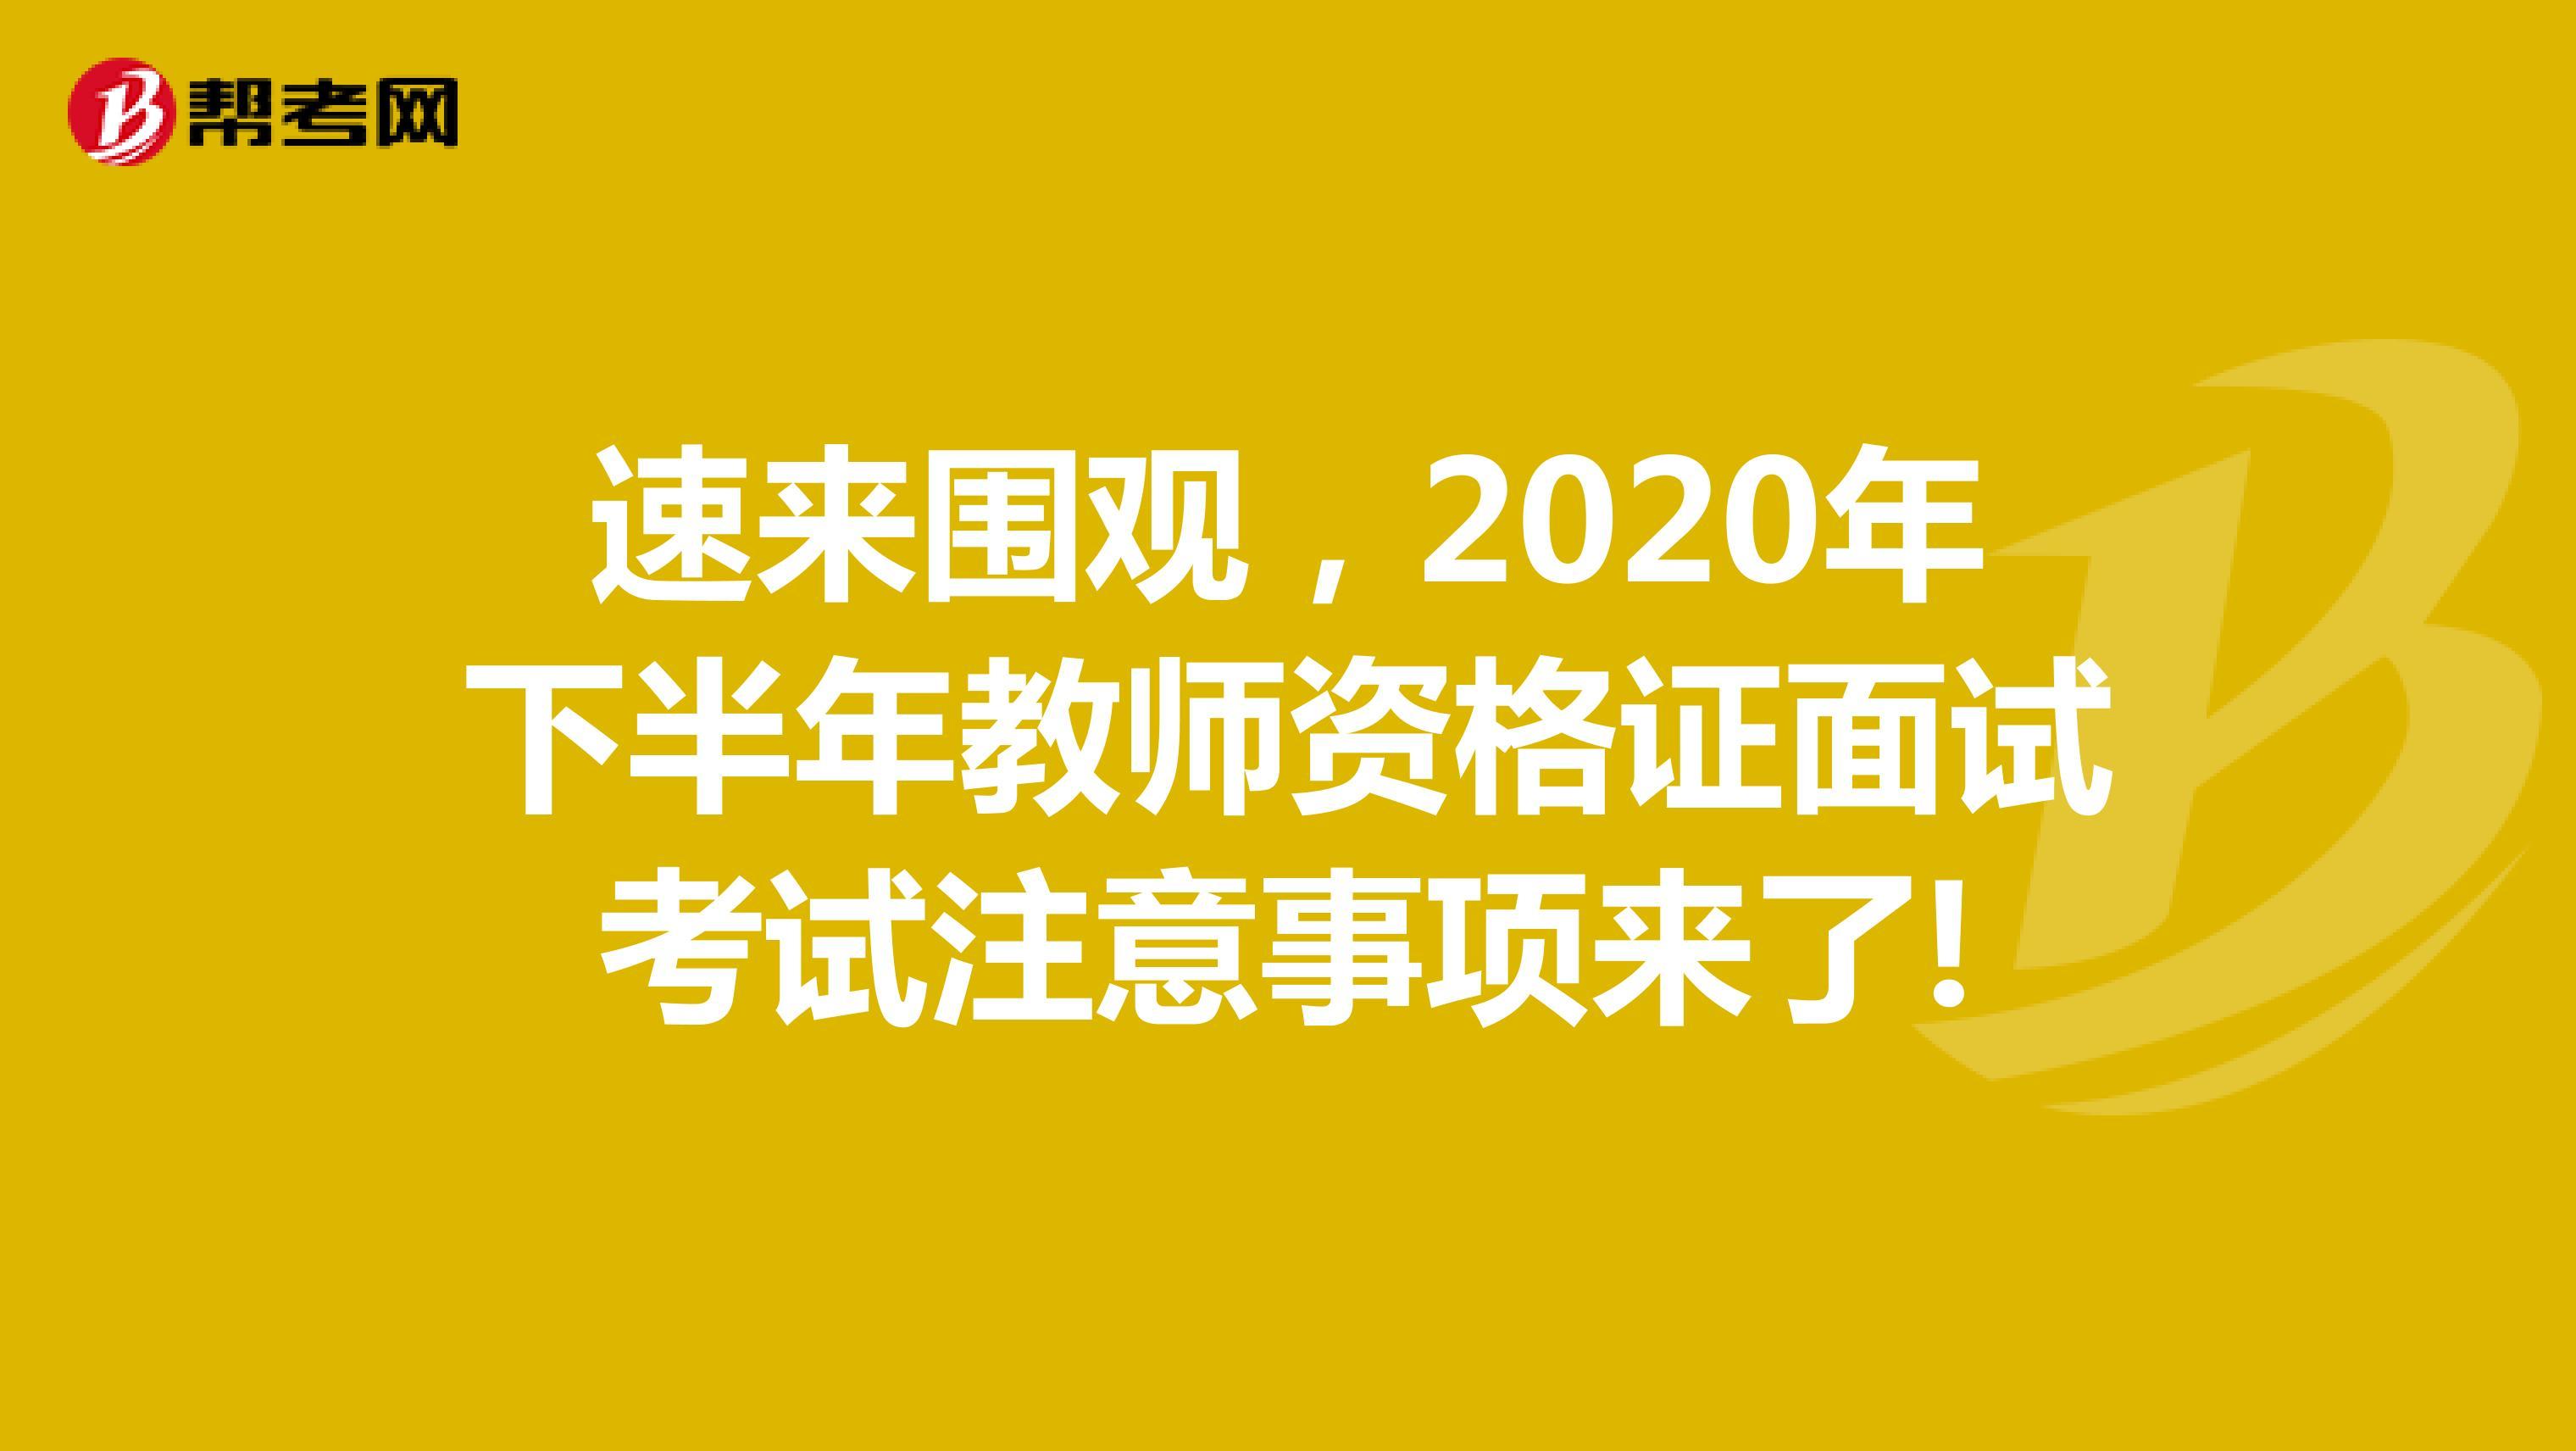 速來圍觀,2020下半年教師資格證面試考試注意事項來了!